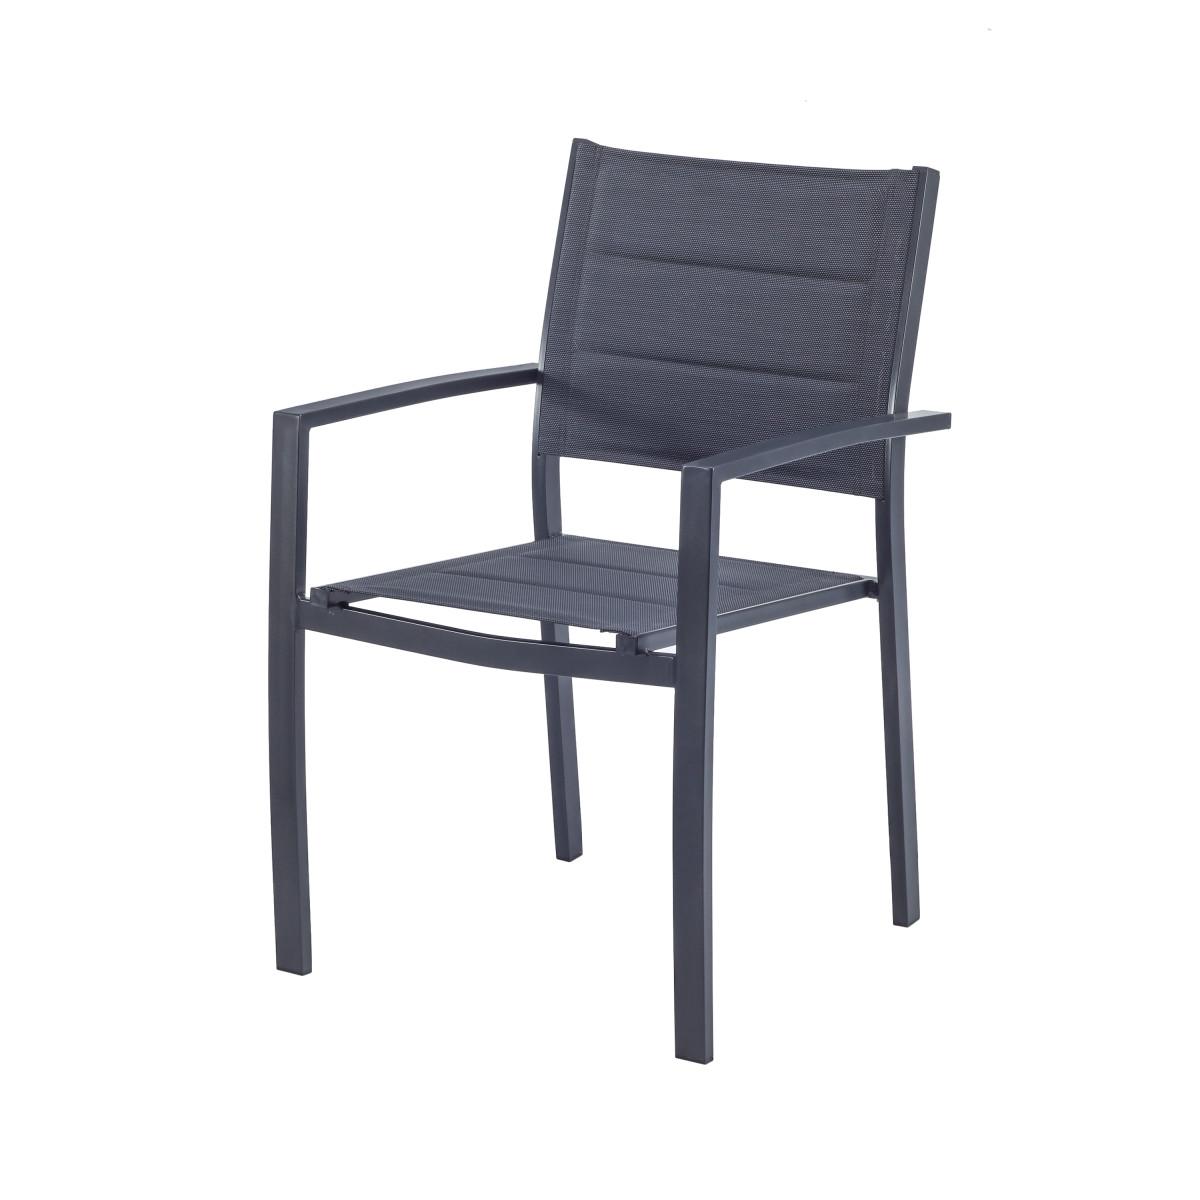 Кресло Naterial Orion Beta цвет темно-серый